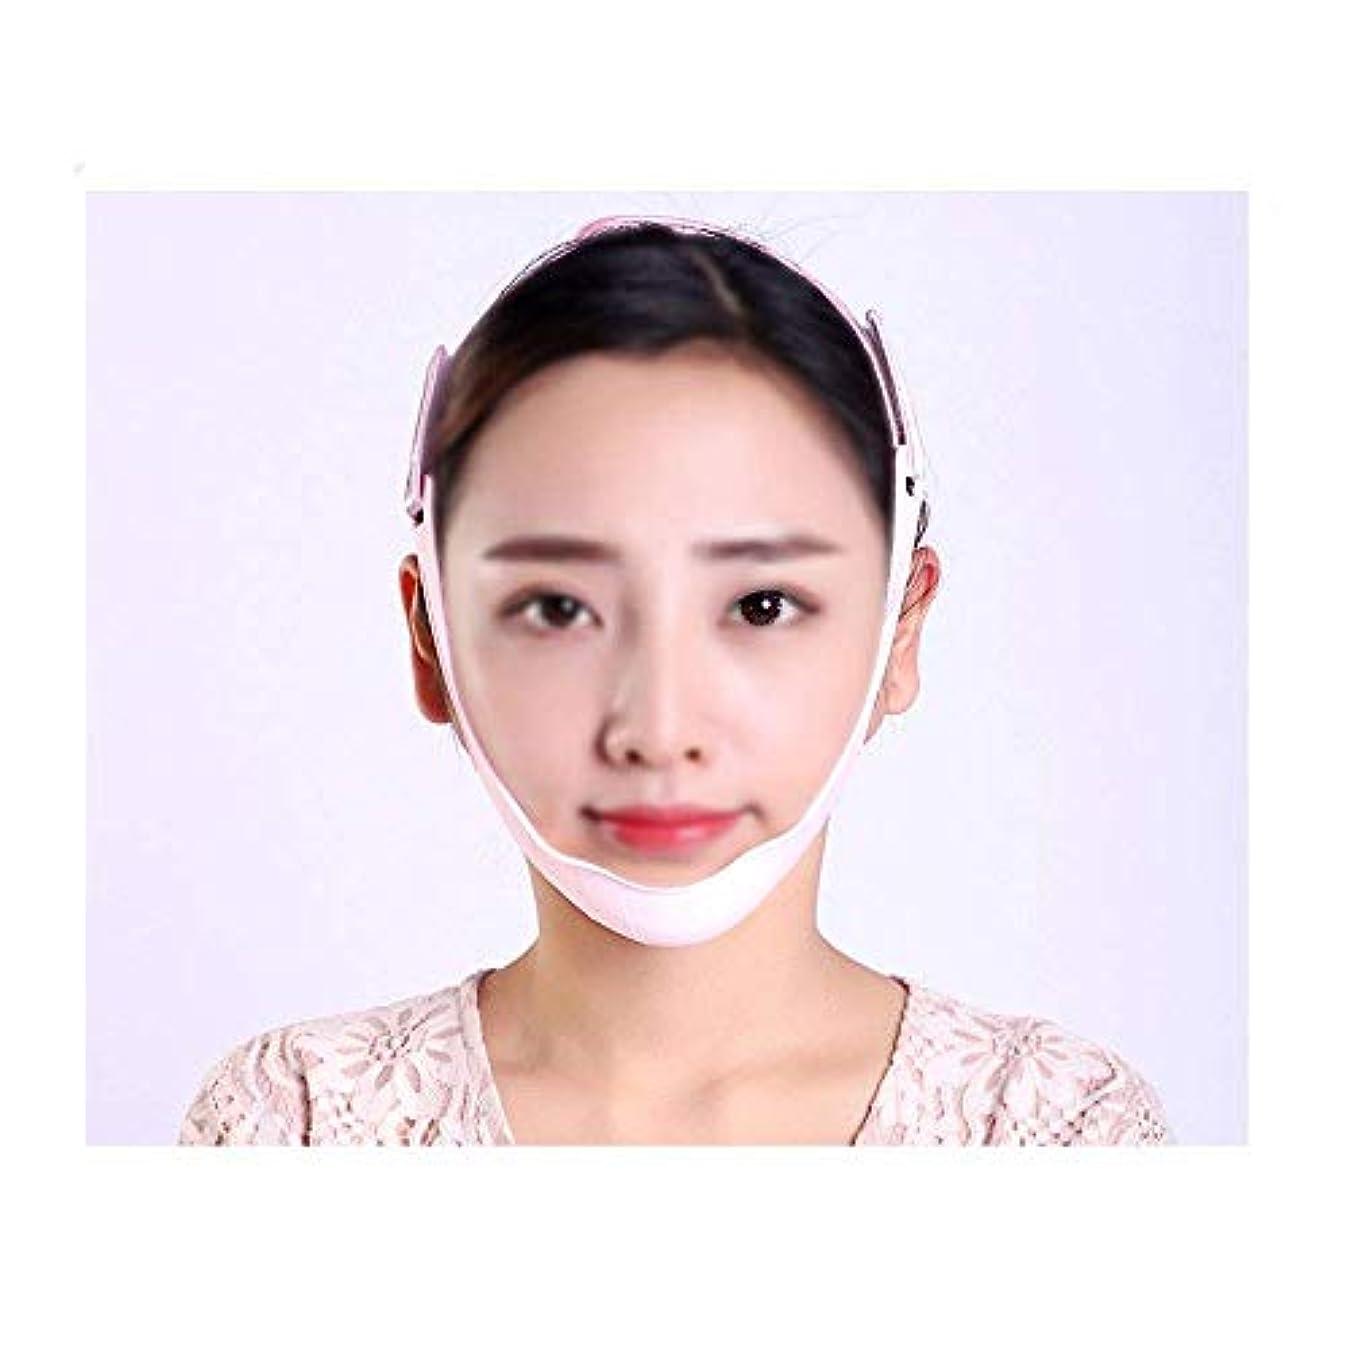 オーストラリアうねるトレーダーフェイシャルリフティングマスク、リフティングフェイシャルファーミングアーティファクト/マッサージ器薄い顔の包帯/通気性ダブルチンスリミングマスク